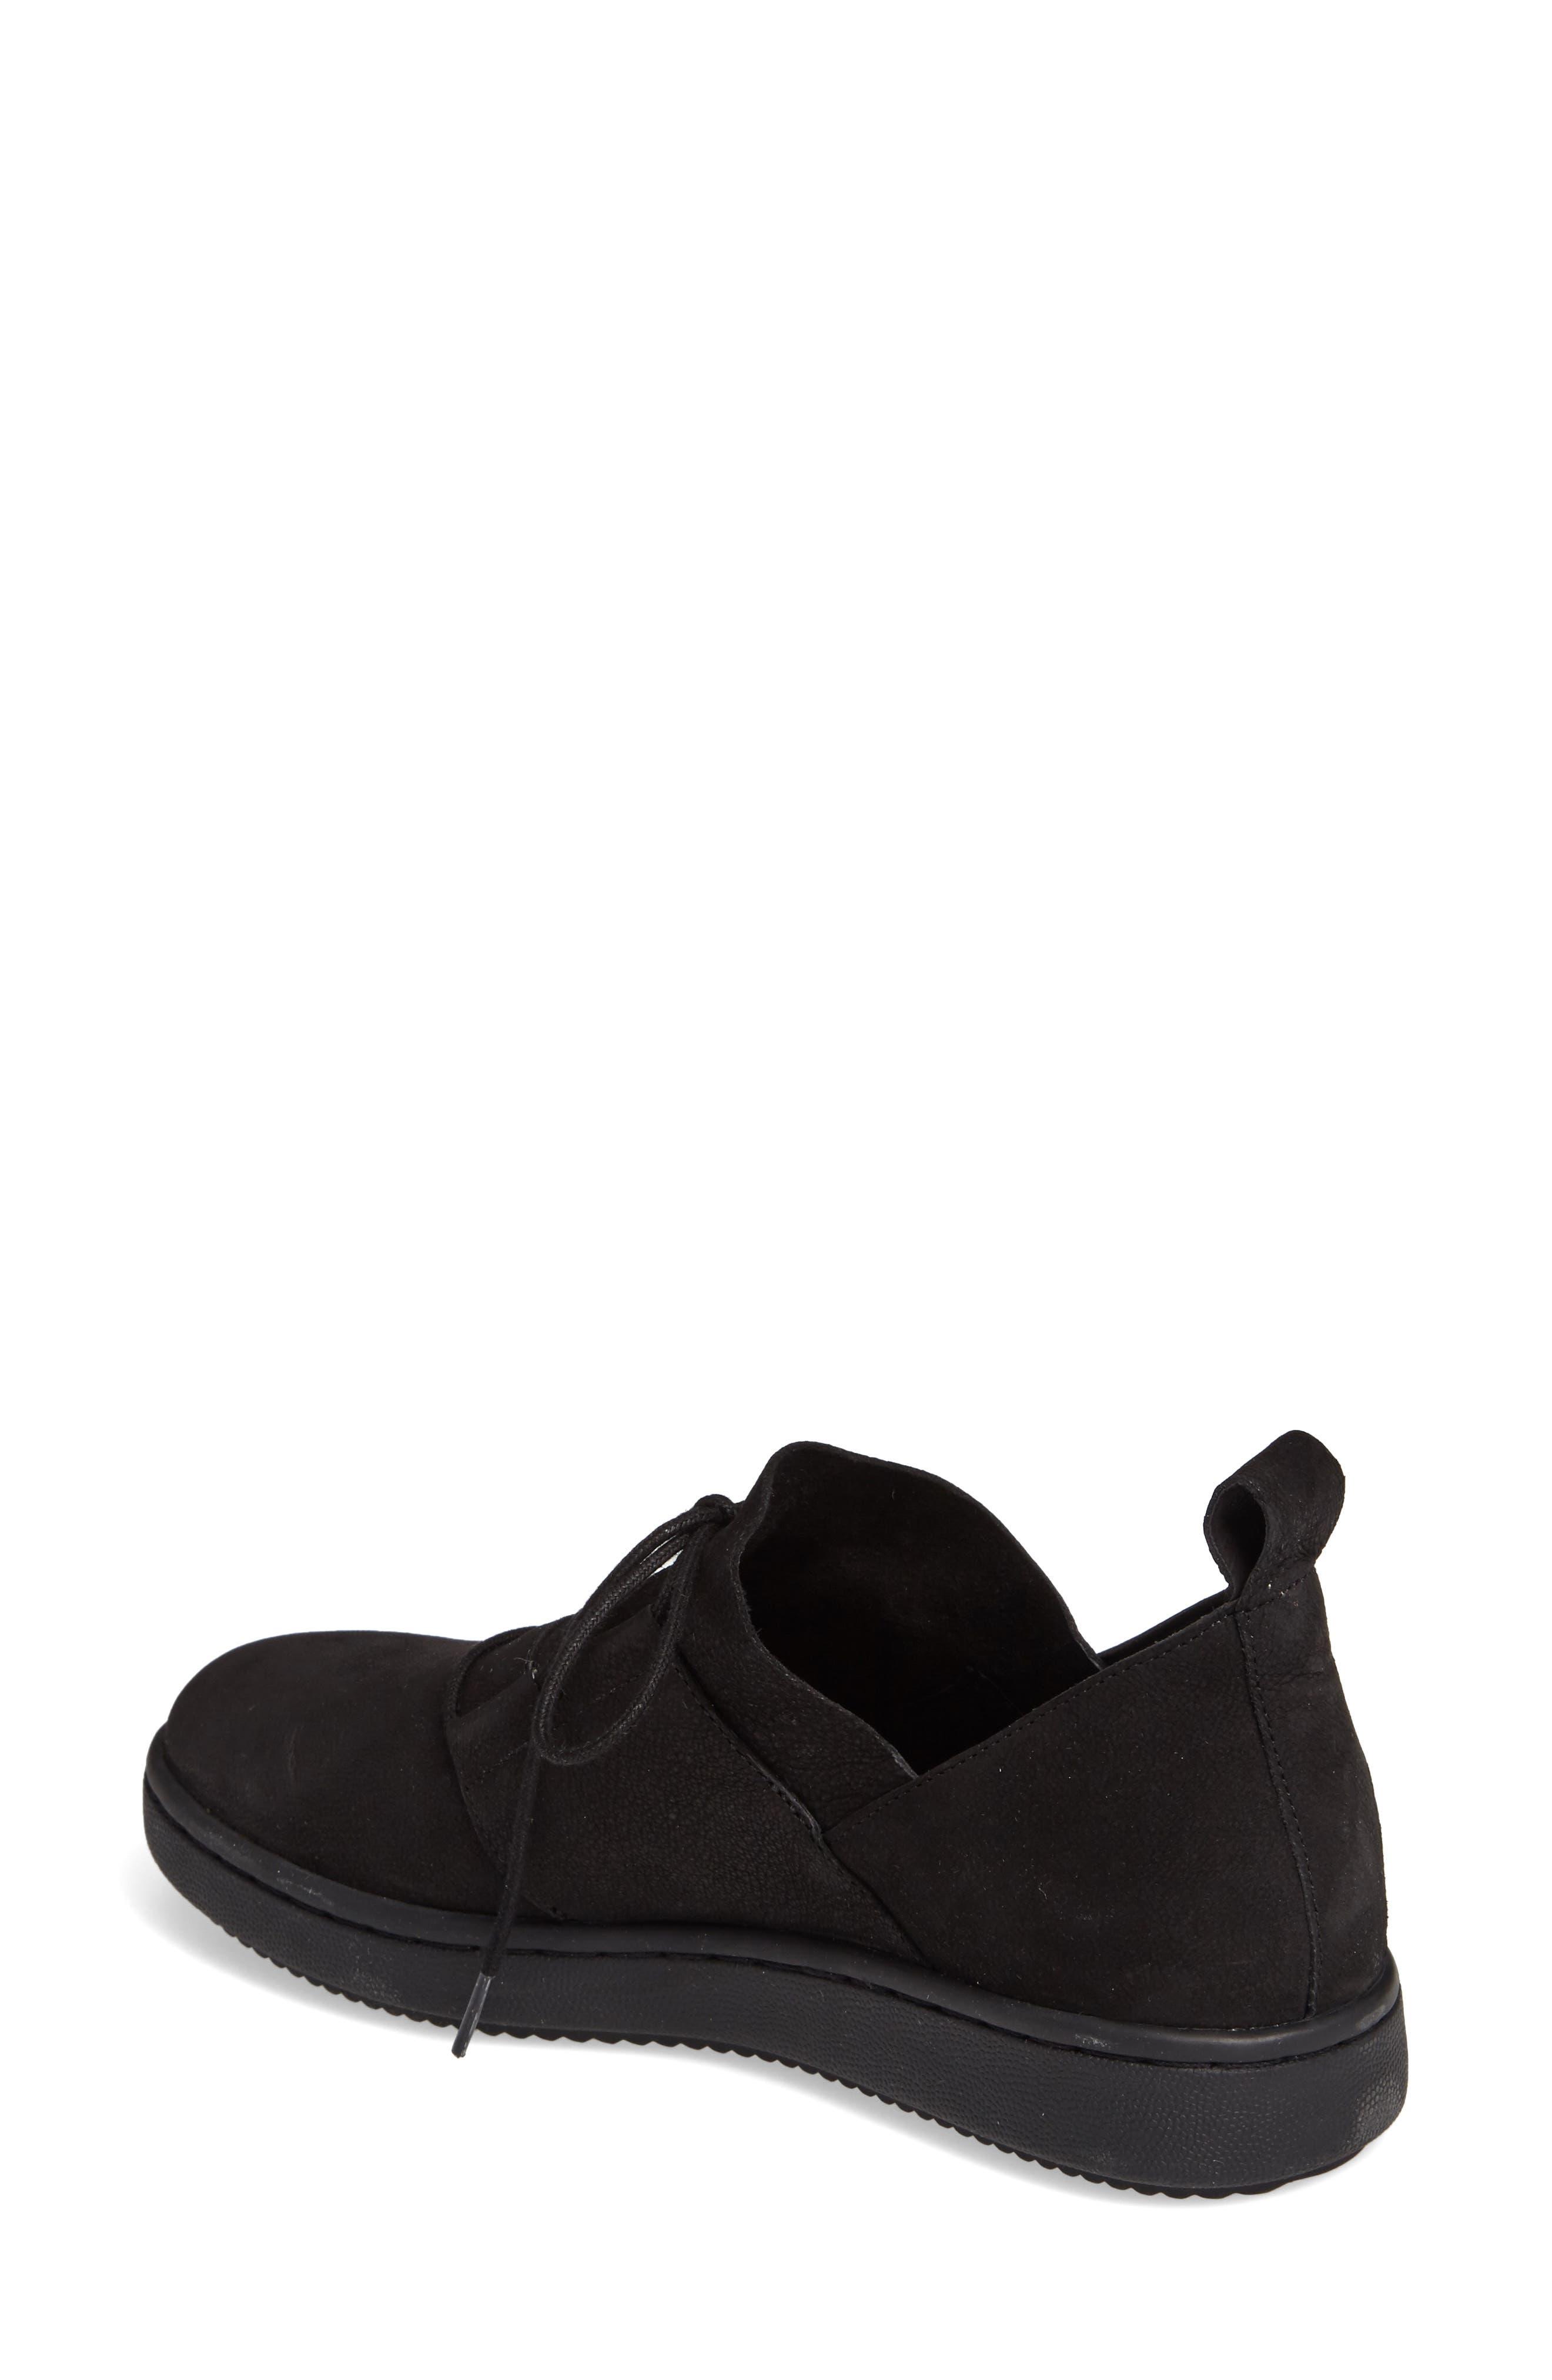 Kipling Sneaker,                             Alternate thumbnail 2, color,                             001